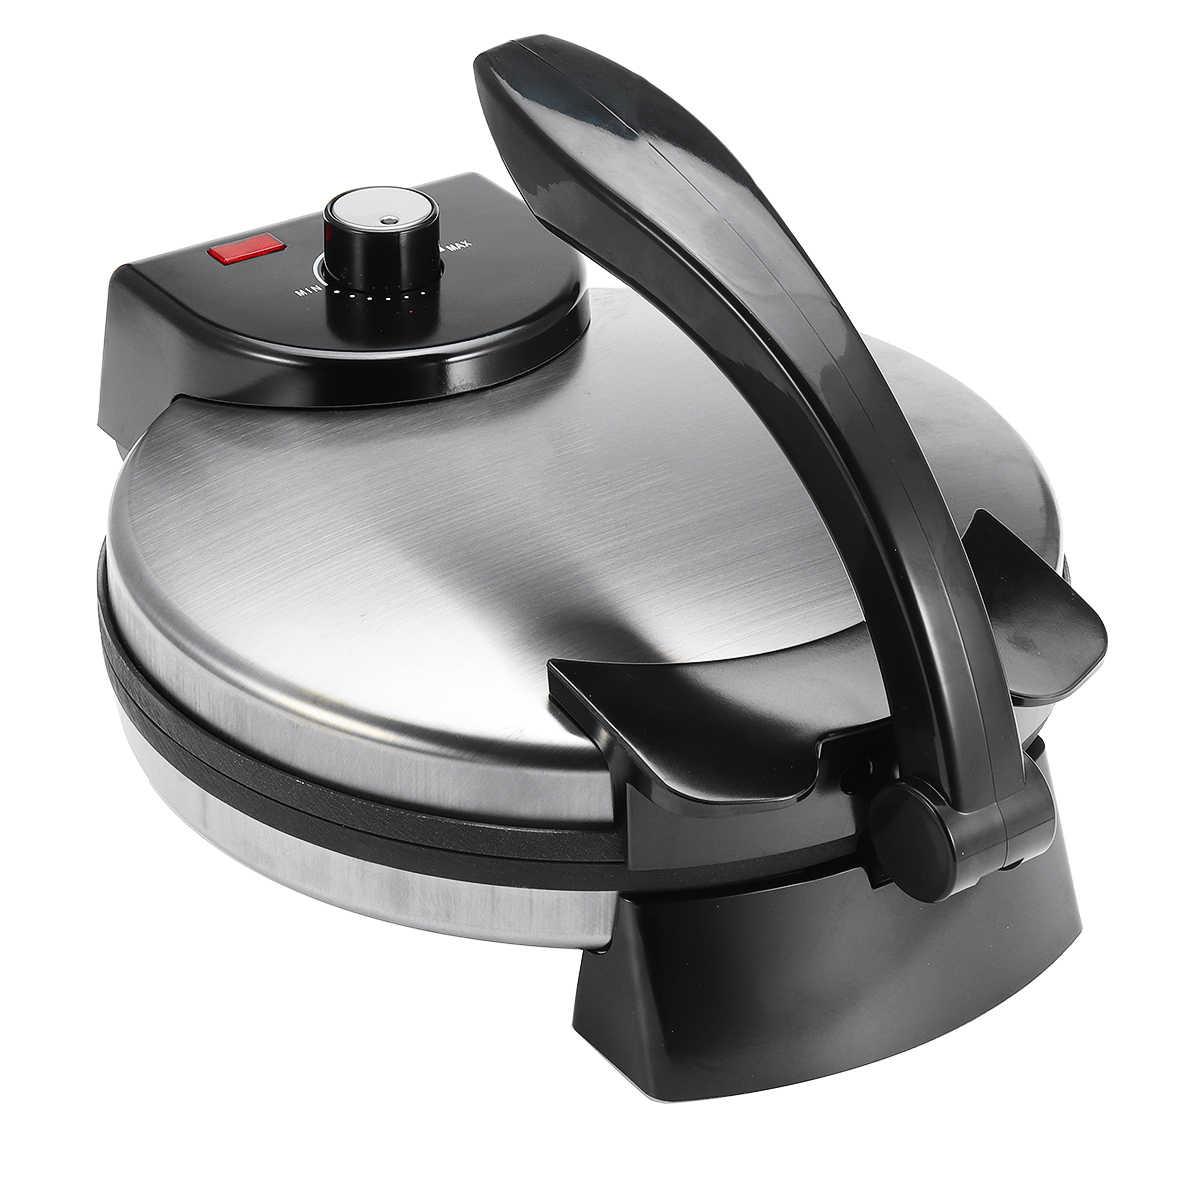 صانع الكريب الكهربائي Roti صانع خبز مسطح للبيتزا أدوات خبز أدوات المطبخ والطبخ 220 فولت 2000 واط